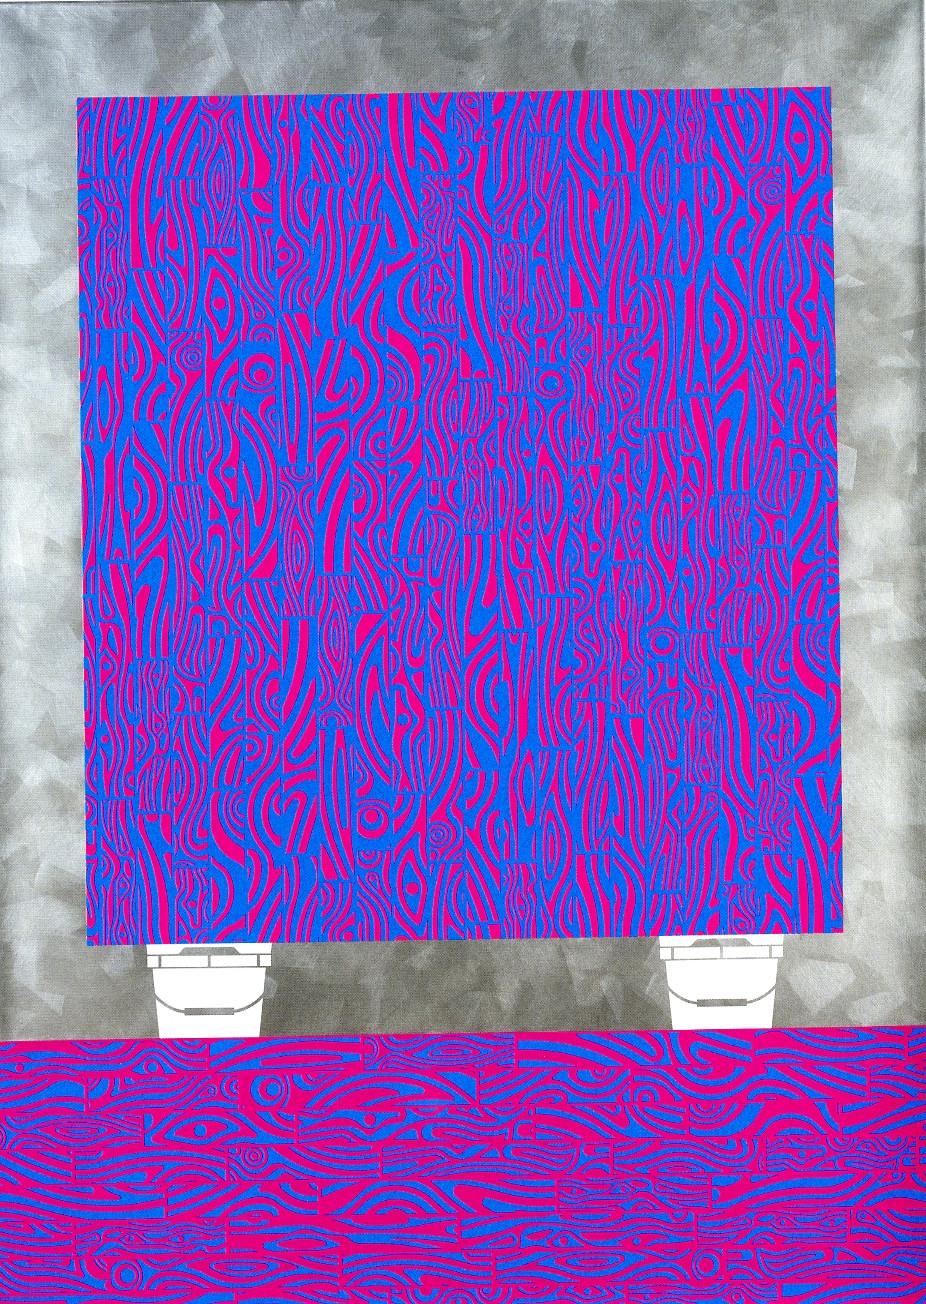 Studio Floor, 2017, acrylic on linen, 84w x 60 in.